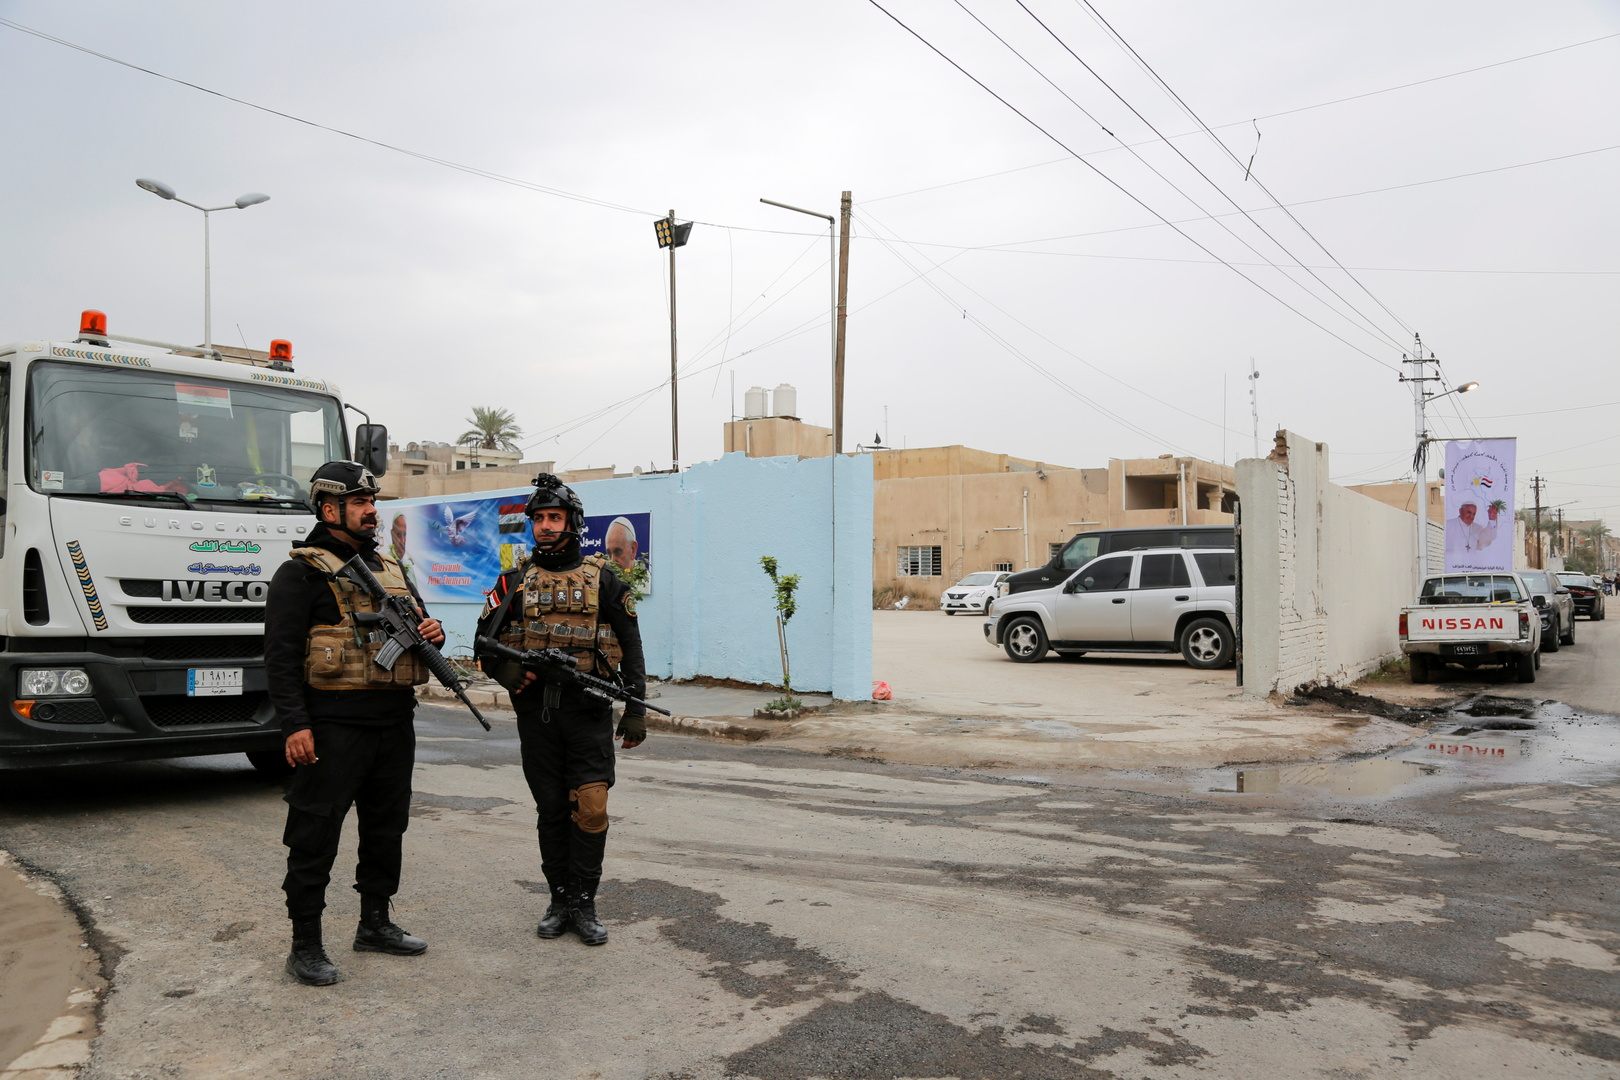 الأمن العراقي يقبض على أجنبيين يزاولان مهنة الطب بلا شهادة جامعية